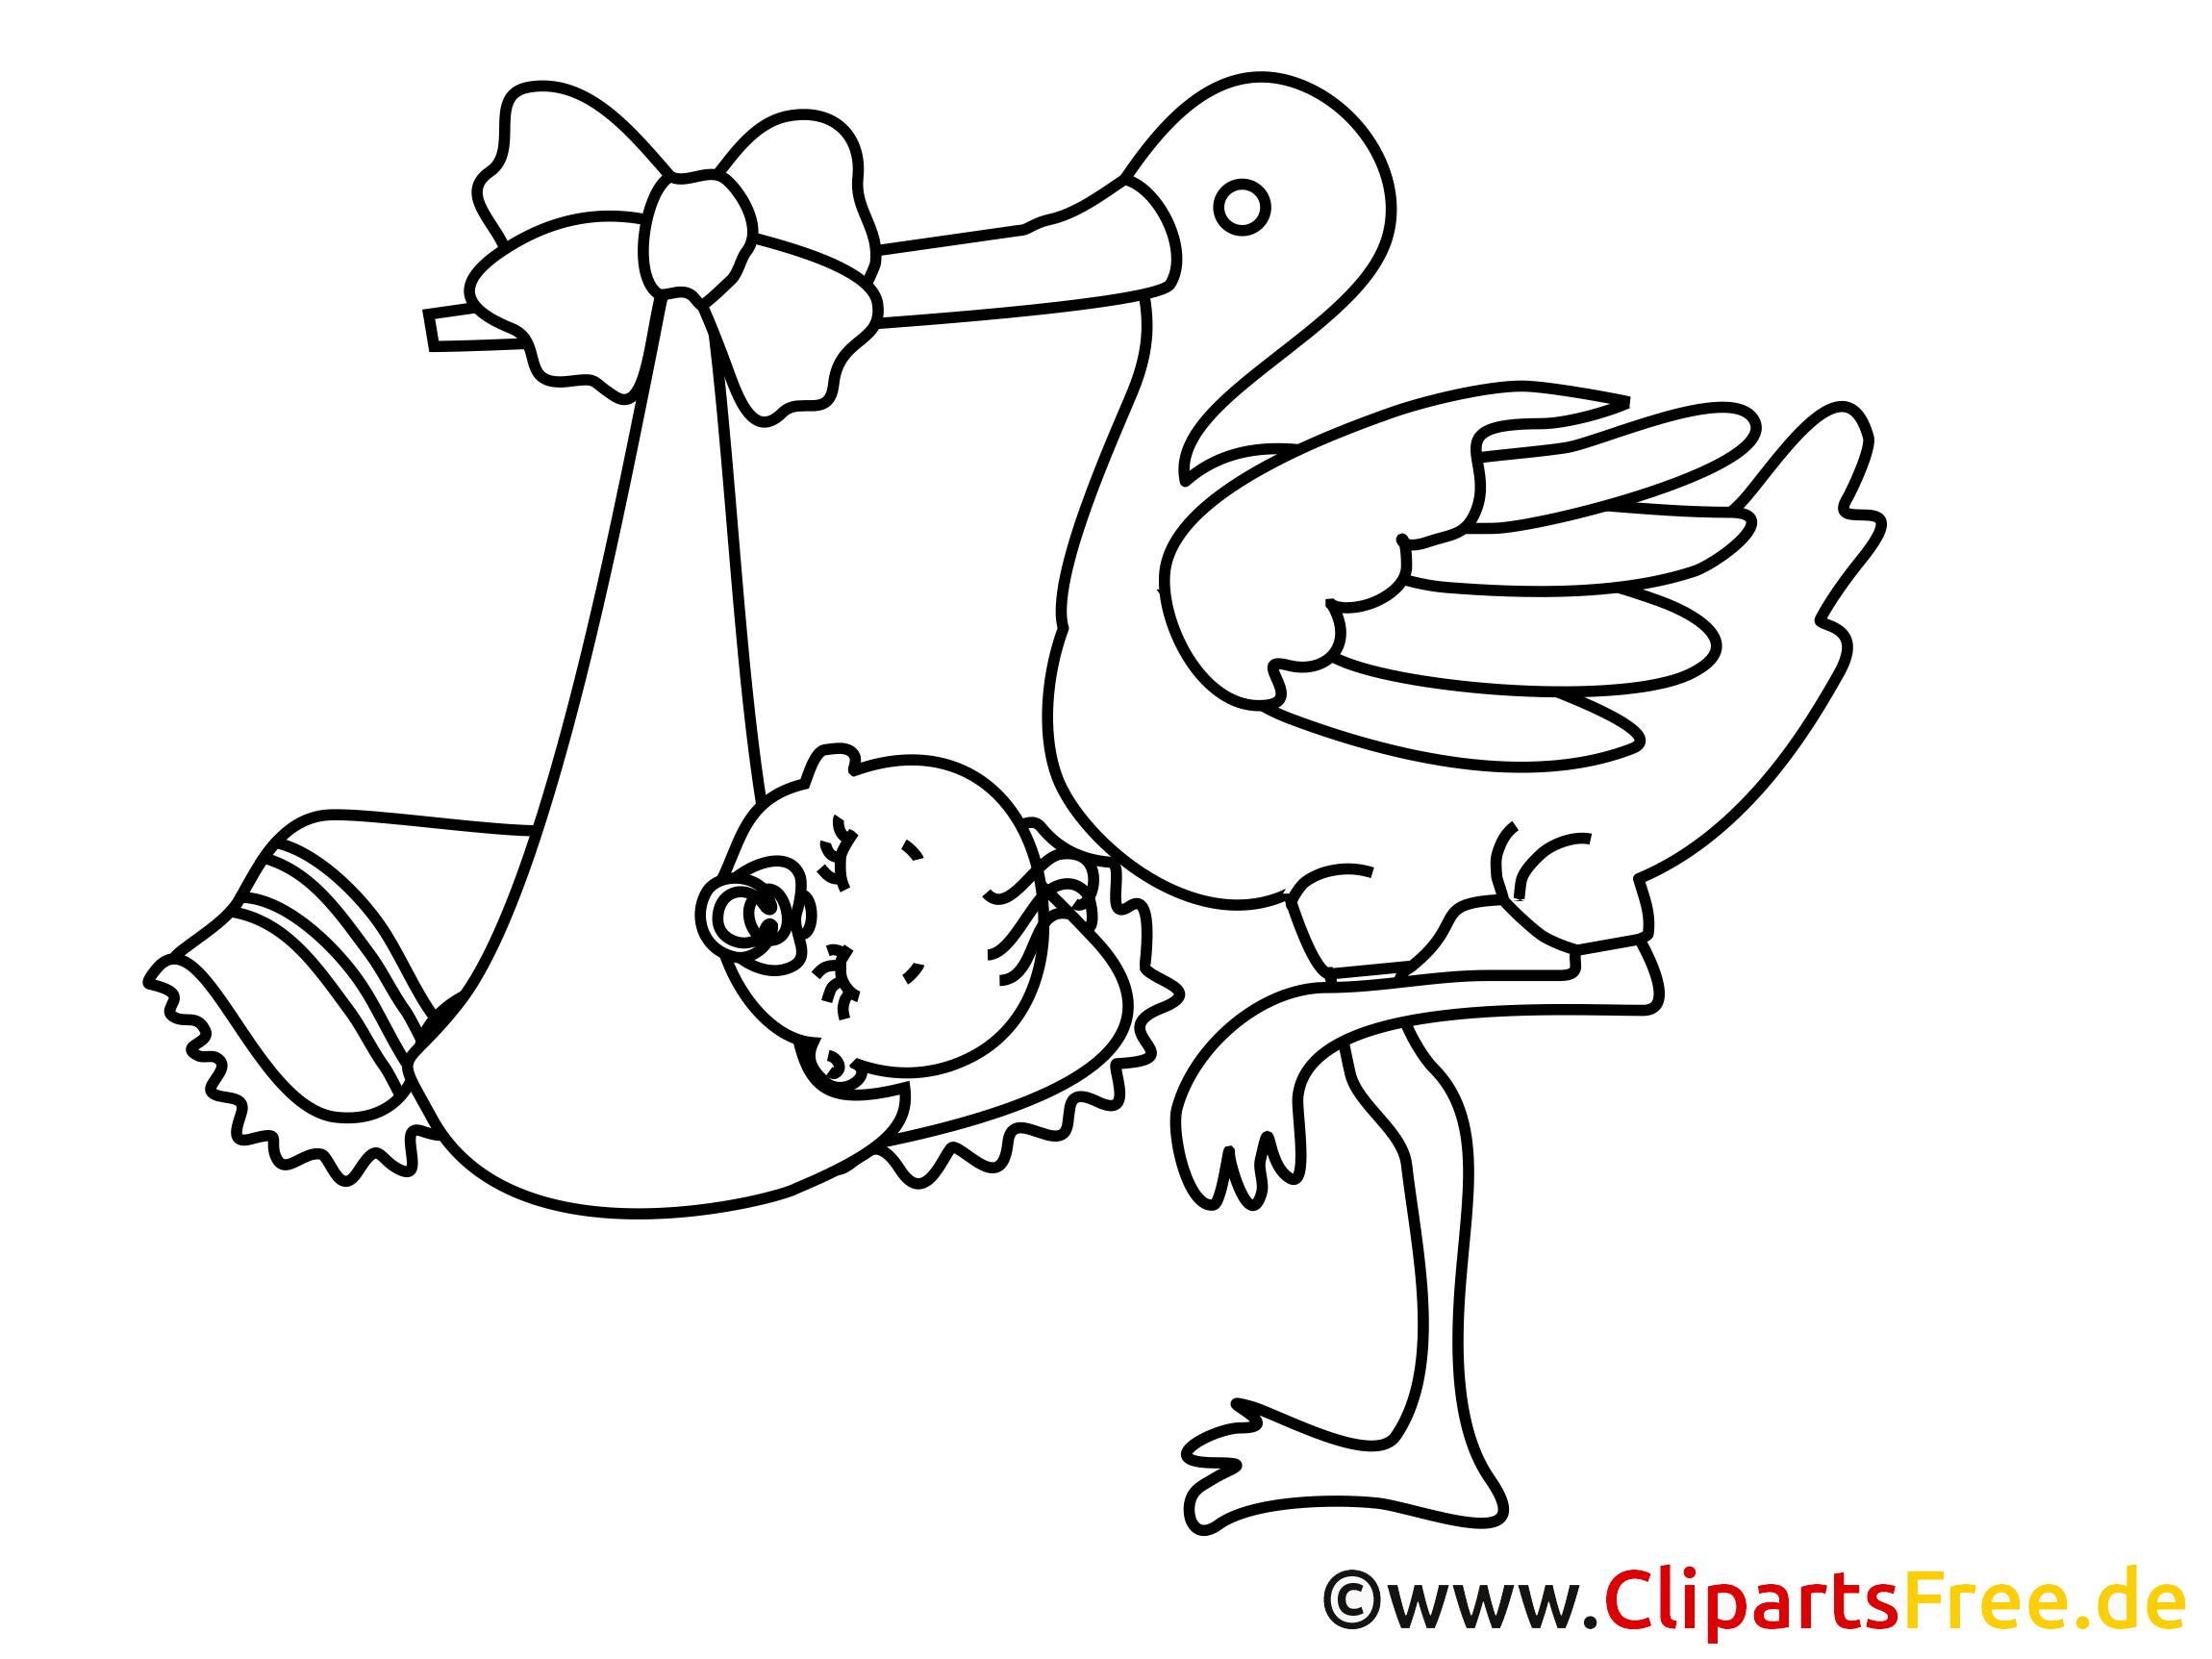 dessin gratuit cigogne  bébé à colorier  bébé coloriages